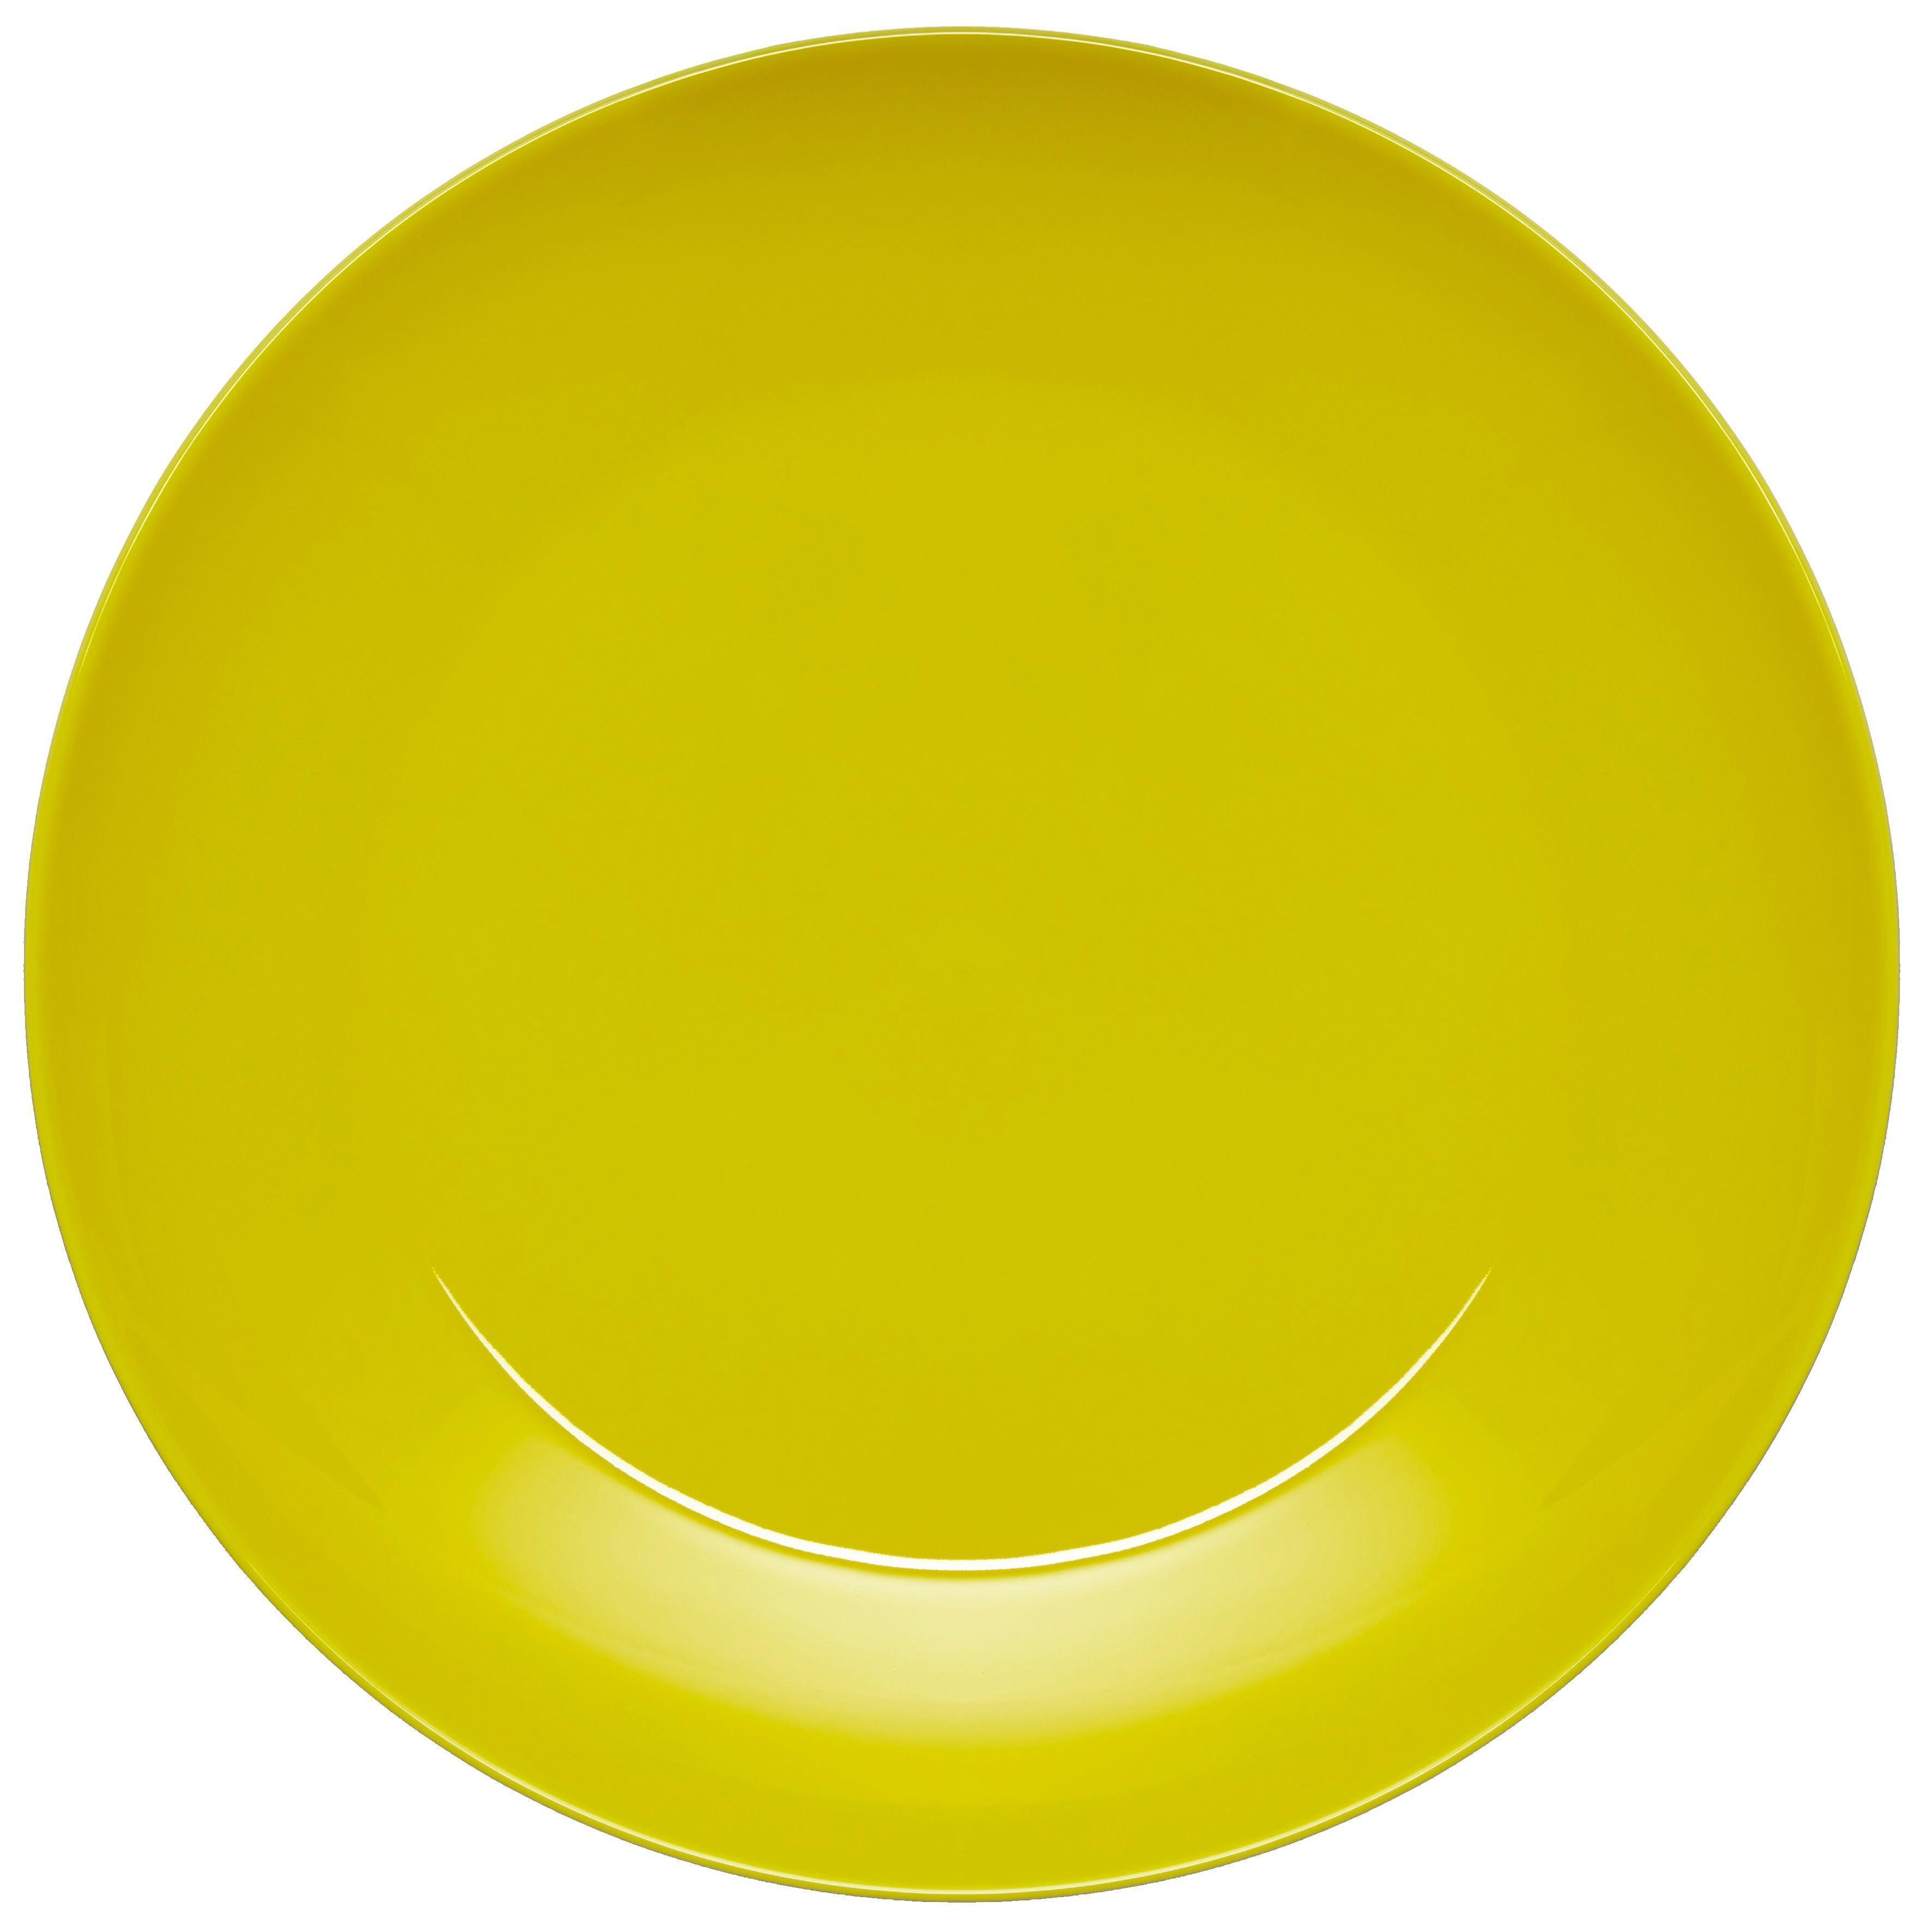 Speiseteller Sandy in Gelb aus Keramik - Gelb, KONVENTIONELL, Keramik (26,8/2,42cm) - MÖMAX modern living